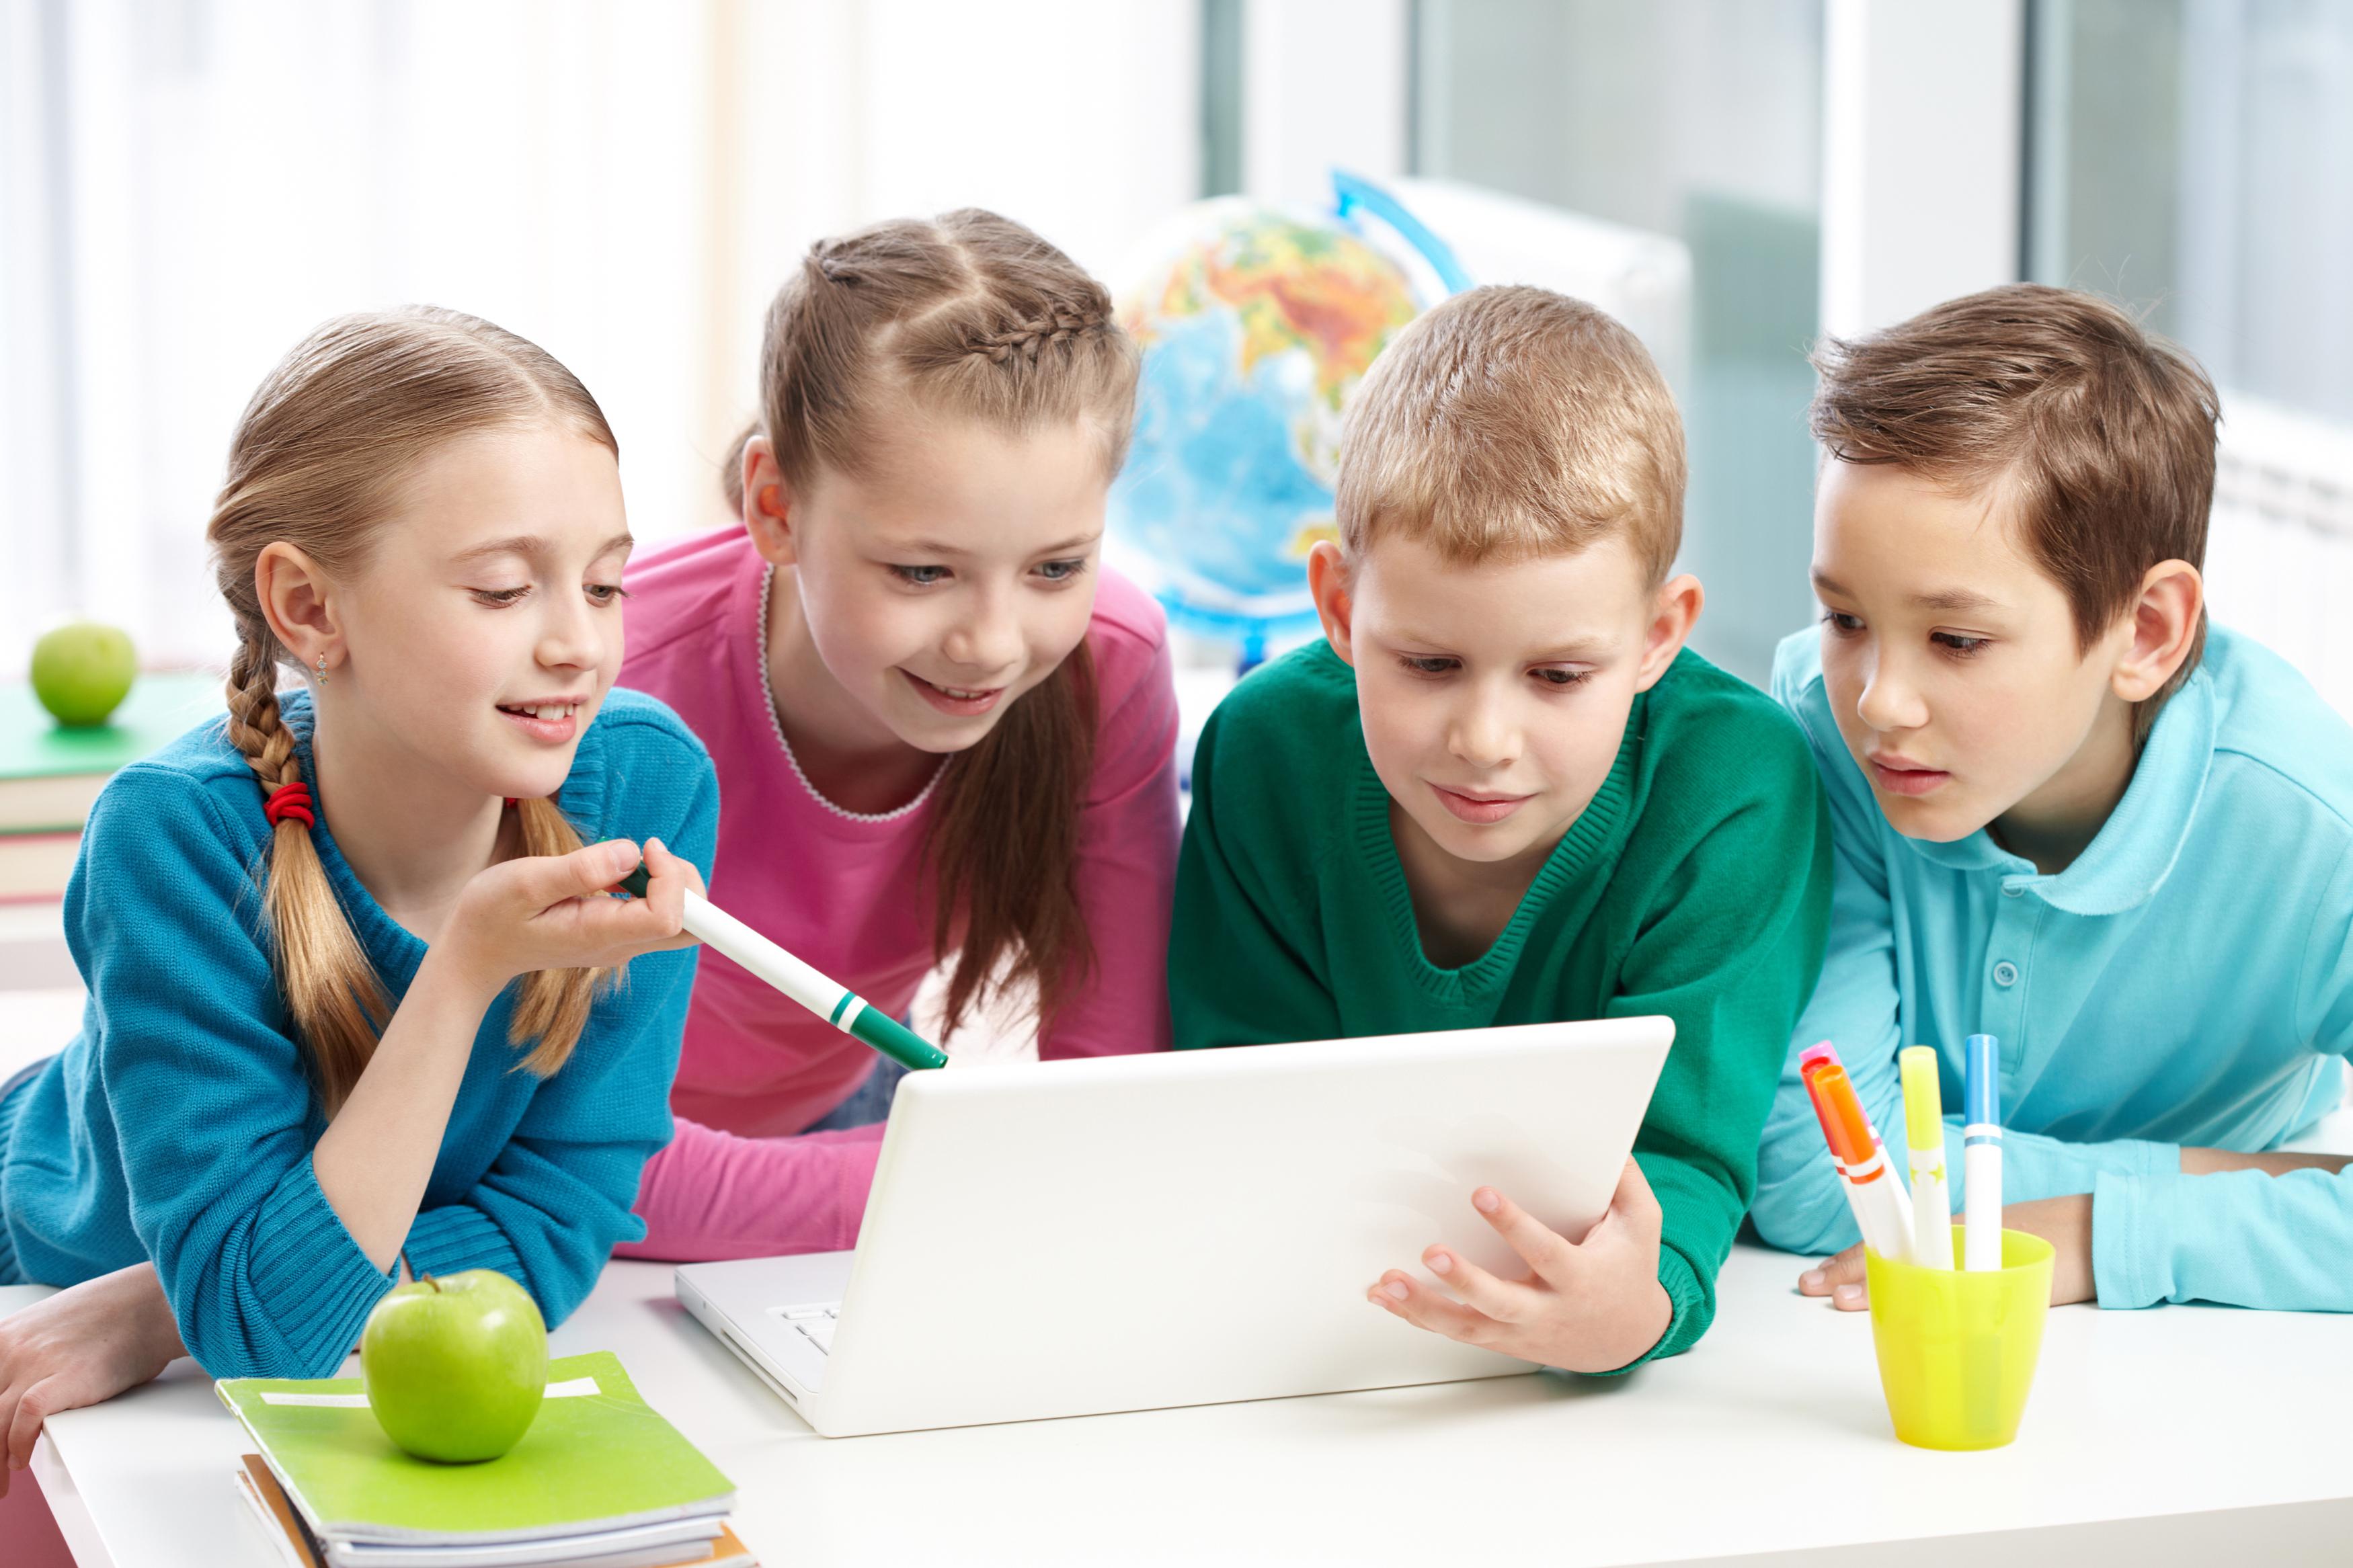 nens treballant en grup per activar l'aprenentatge des de l'emoció